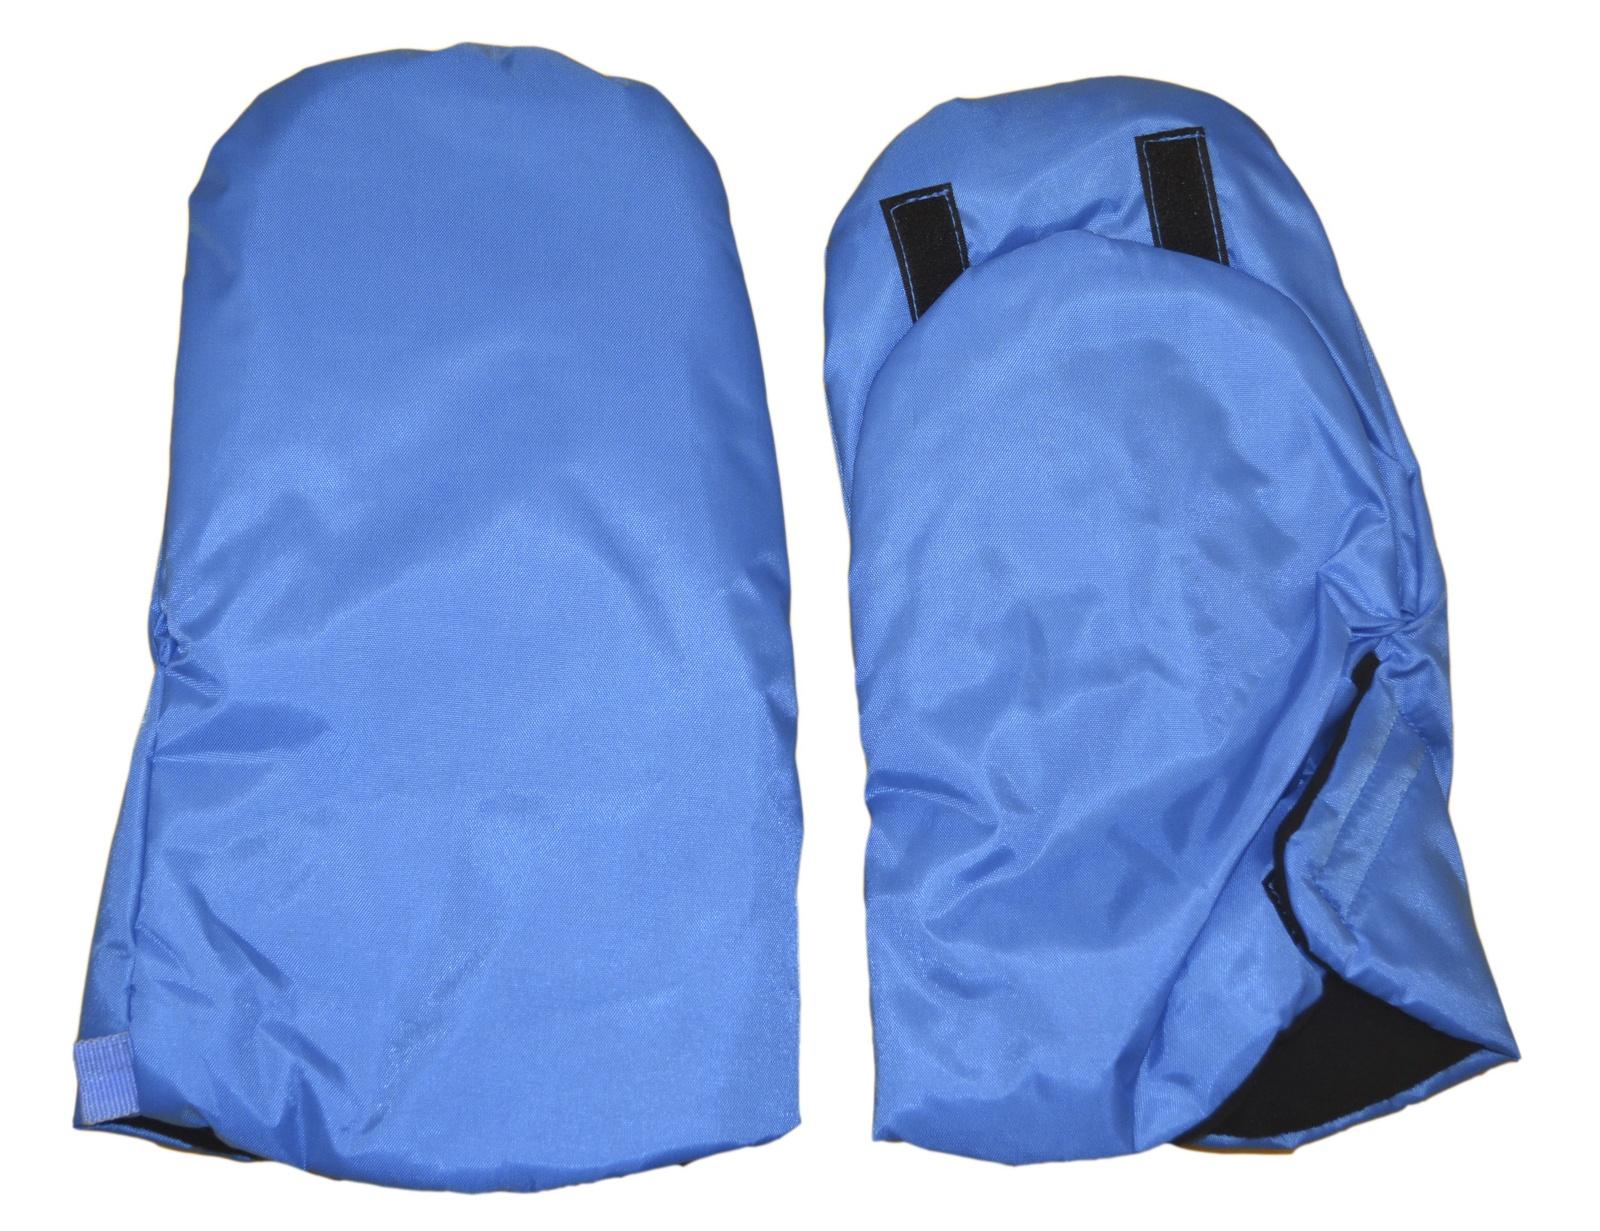 Варежки для коляски Мирти Зимушка, 2000064700012, голубой2000064700012Варежки для коляски на липучке.